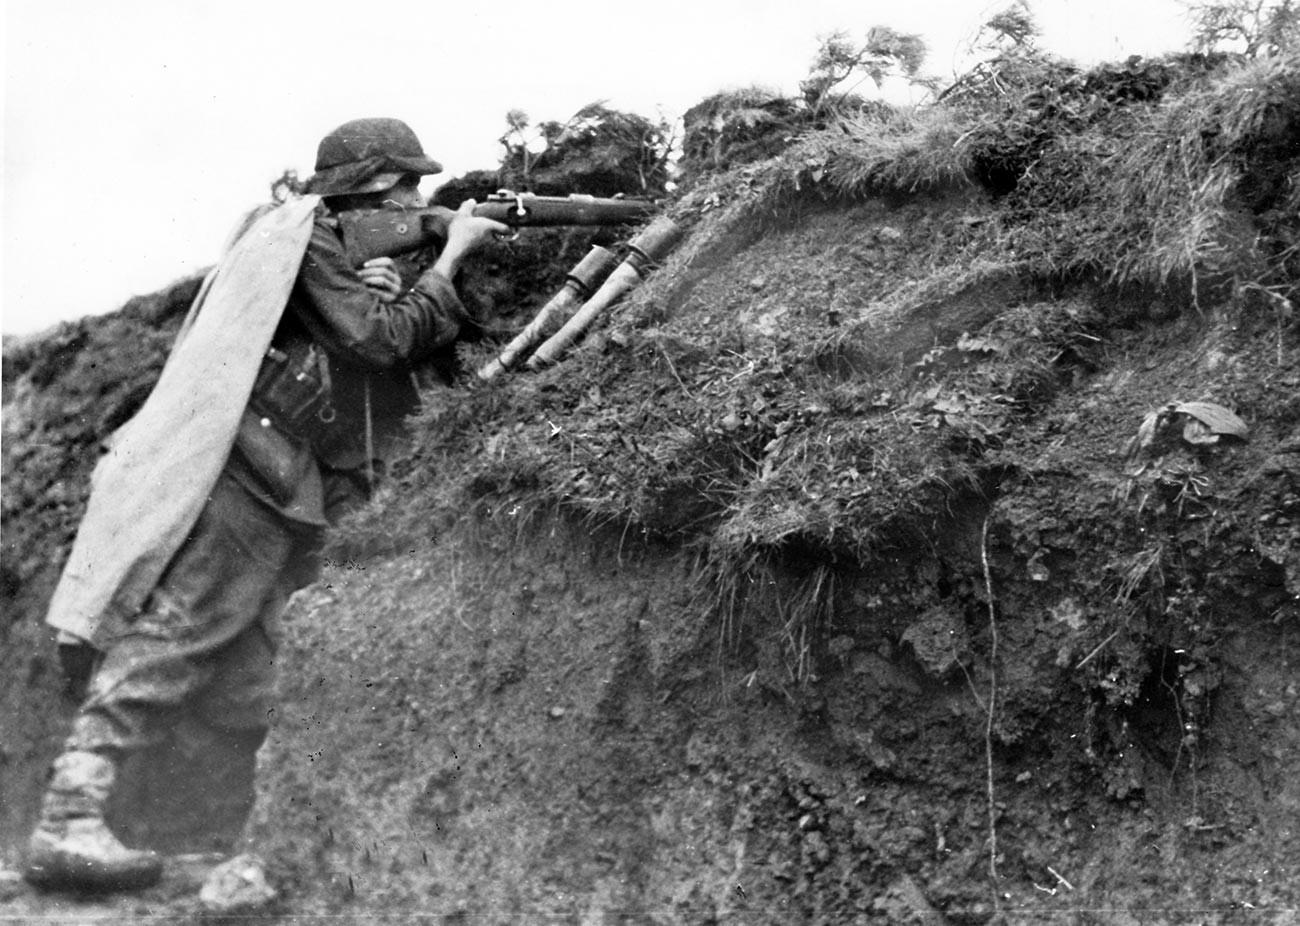 Na nacističkoj propagandnoj slici prikazani su članovi njemačkog Wehrmachta na Karpatima, Istočni front. Fotografija je napravljena u listopadu 1944.